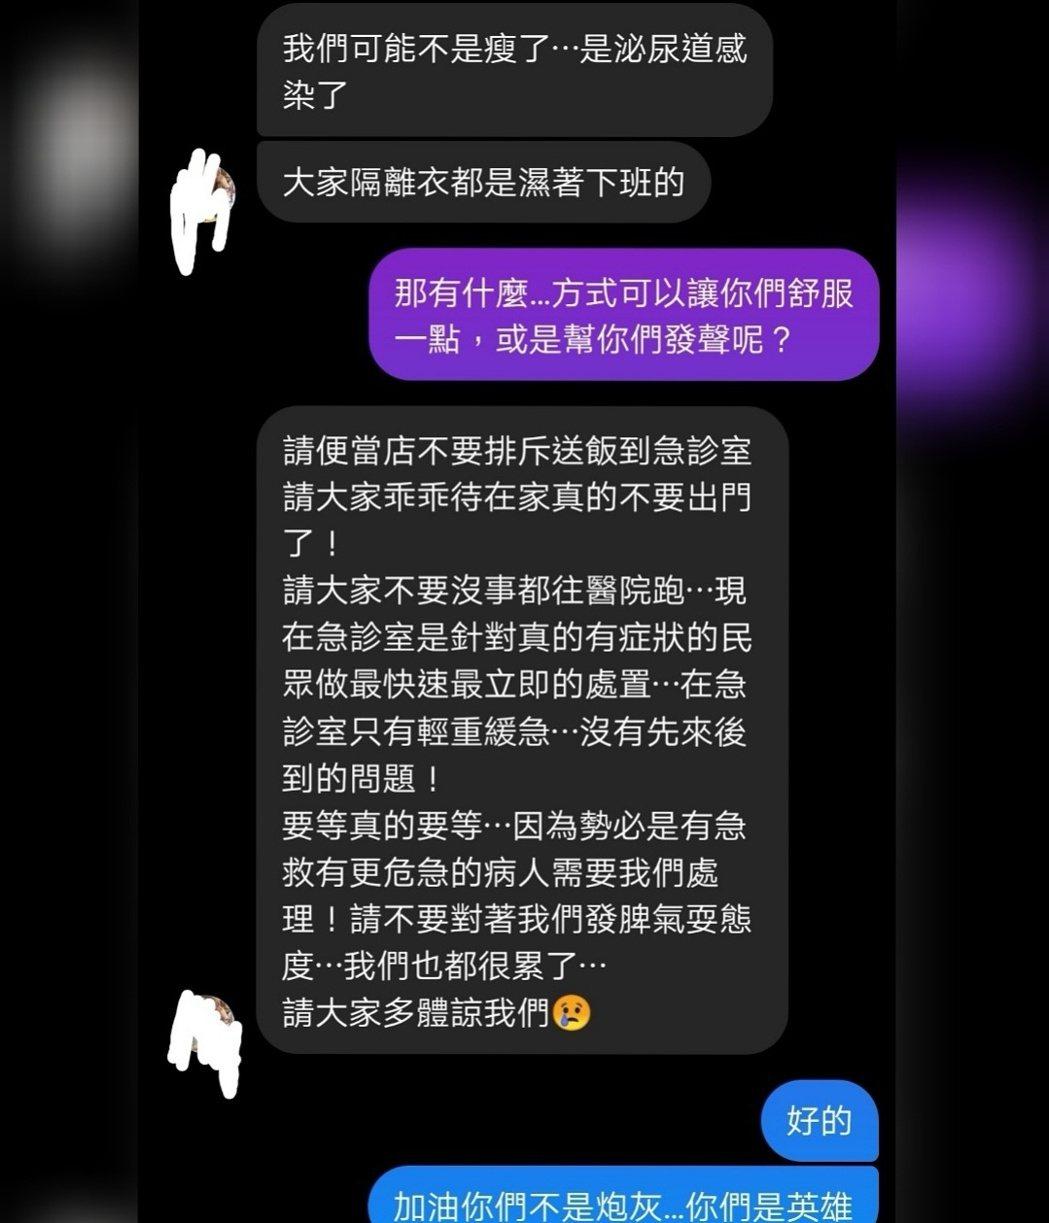 廖威廉替第一線護理師轉達心聲。 圖/擷自廖威廉臉書